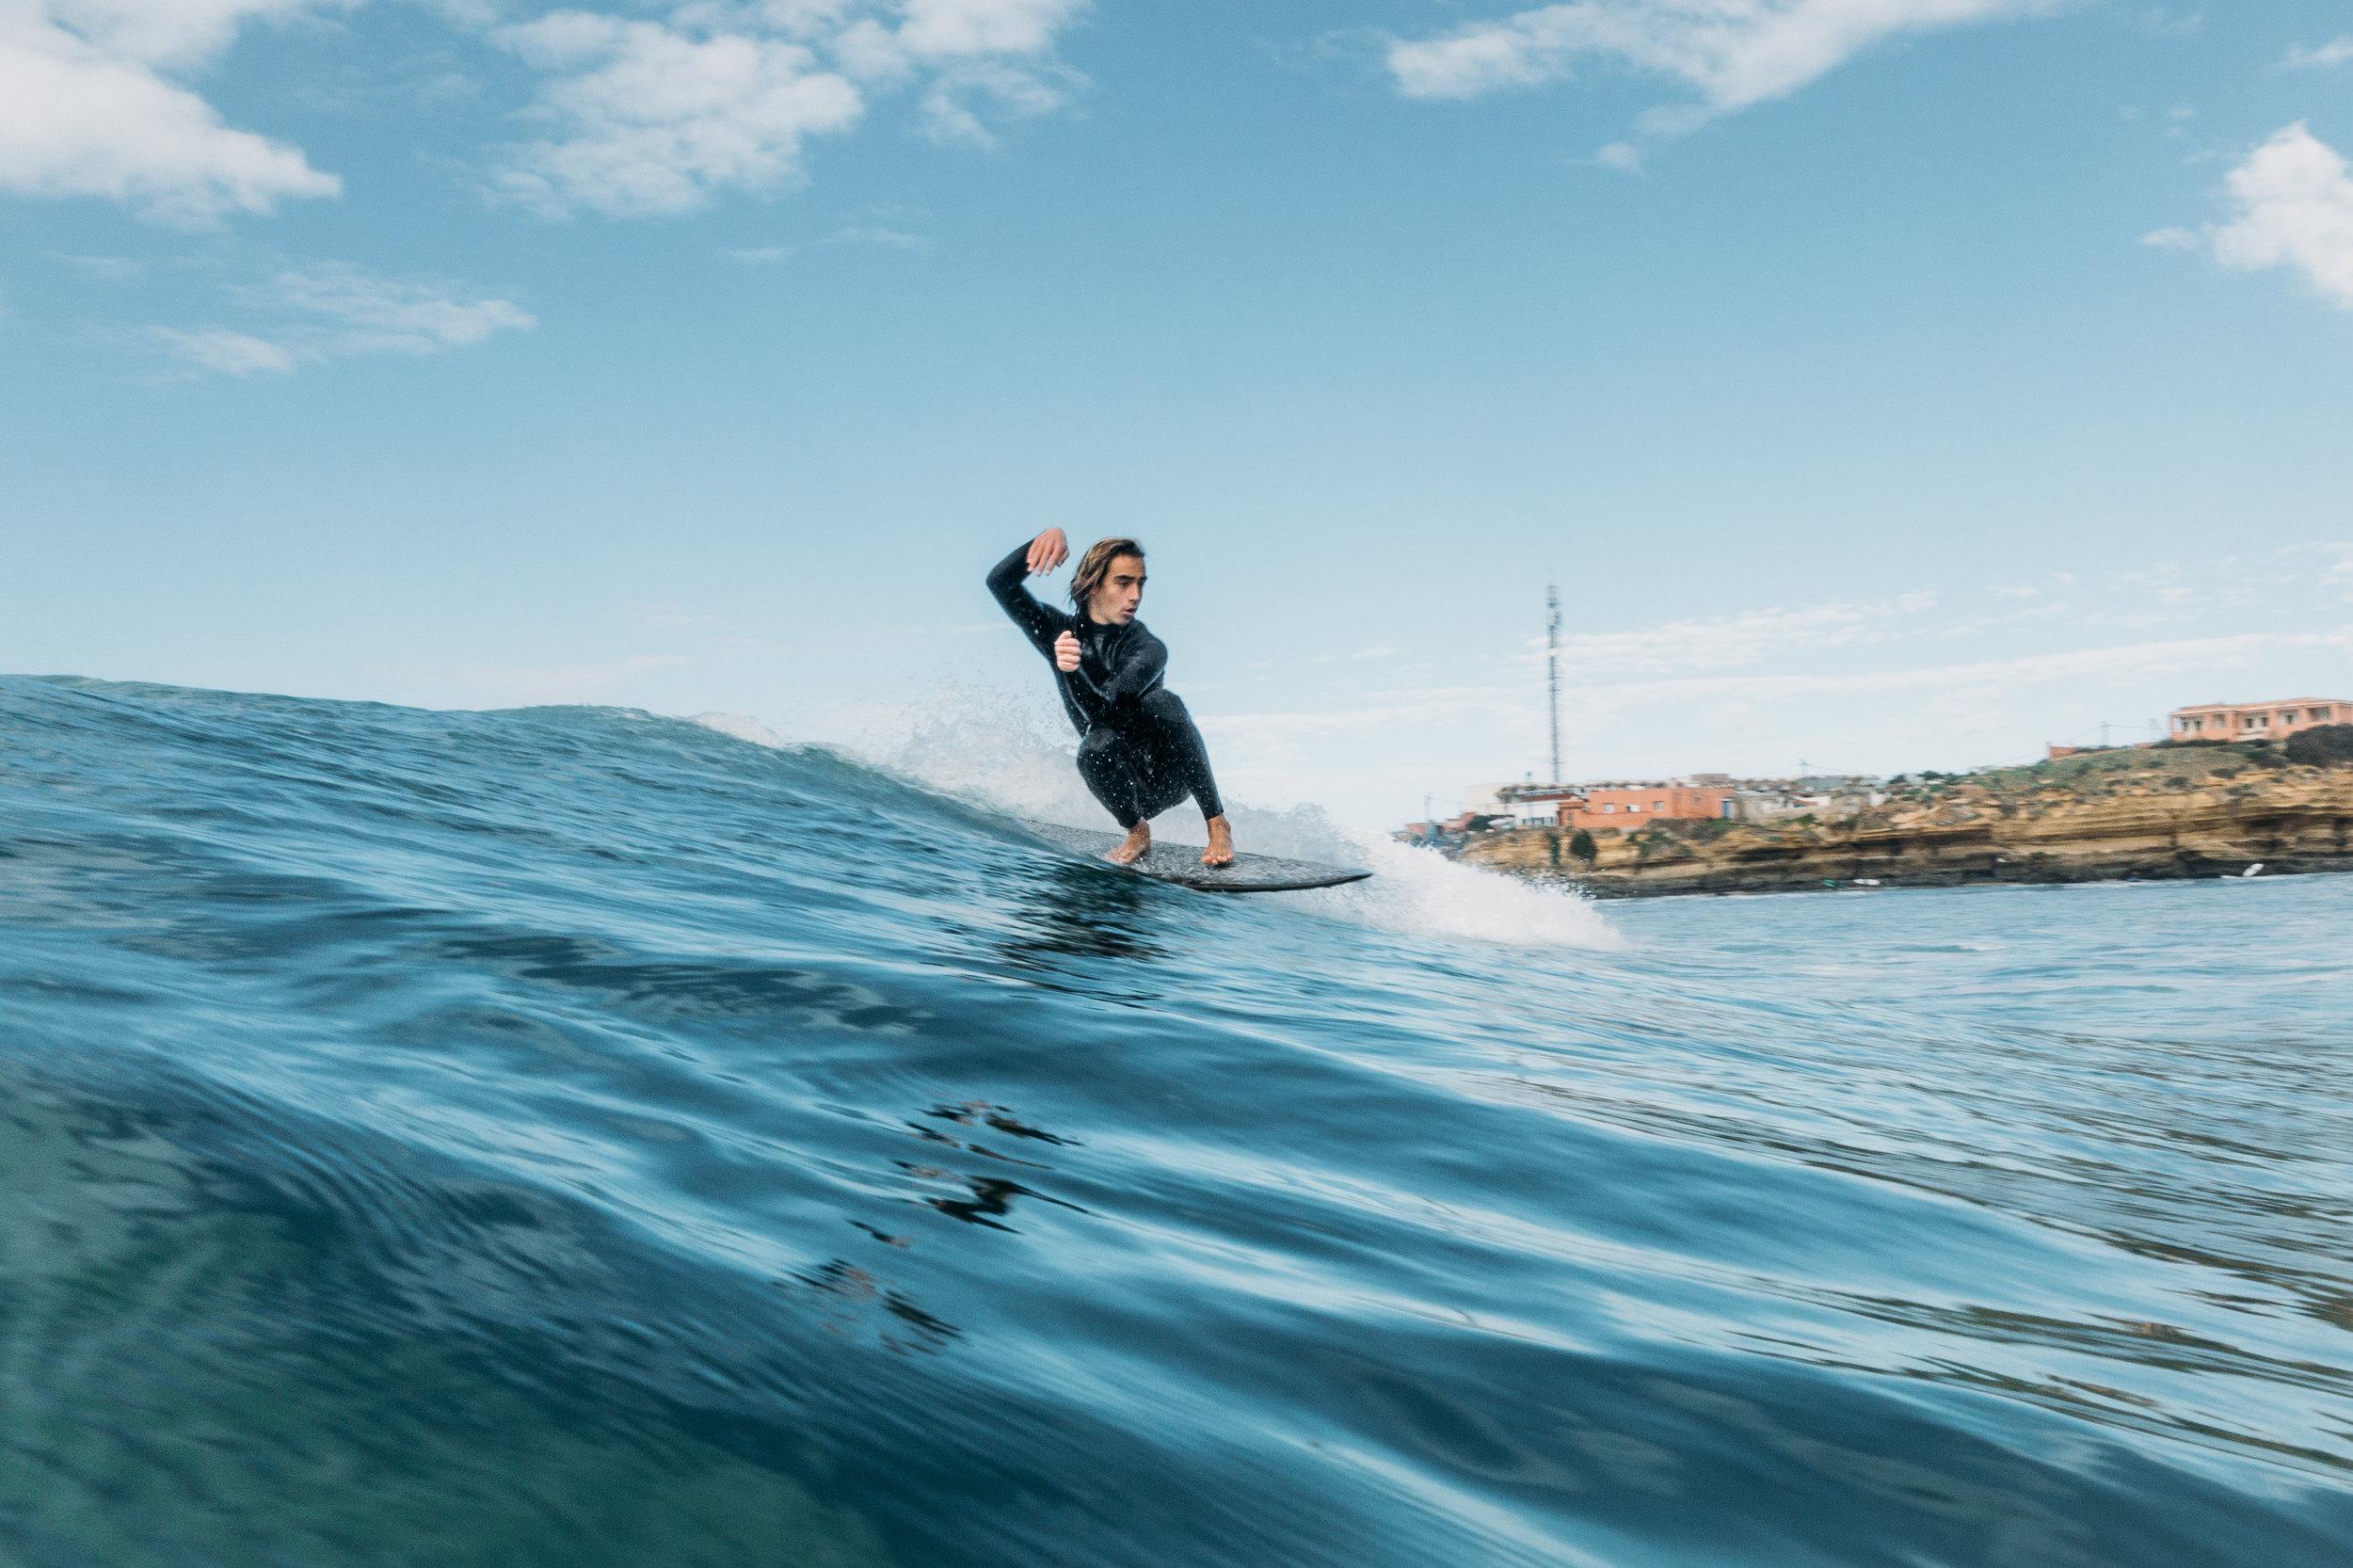 surf_saturday_Leia_Vita-111.jpg